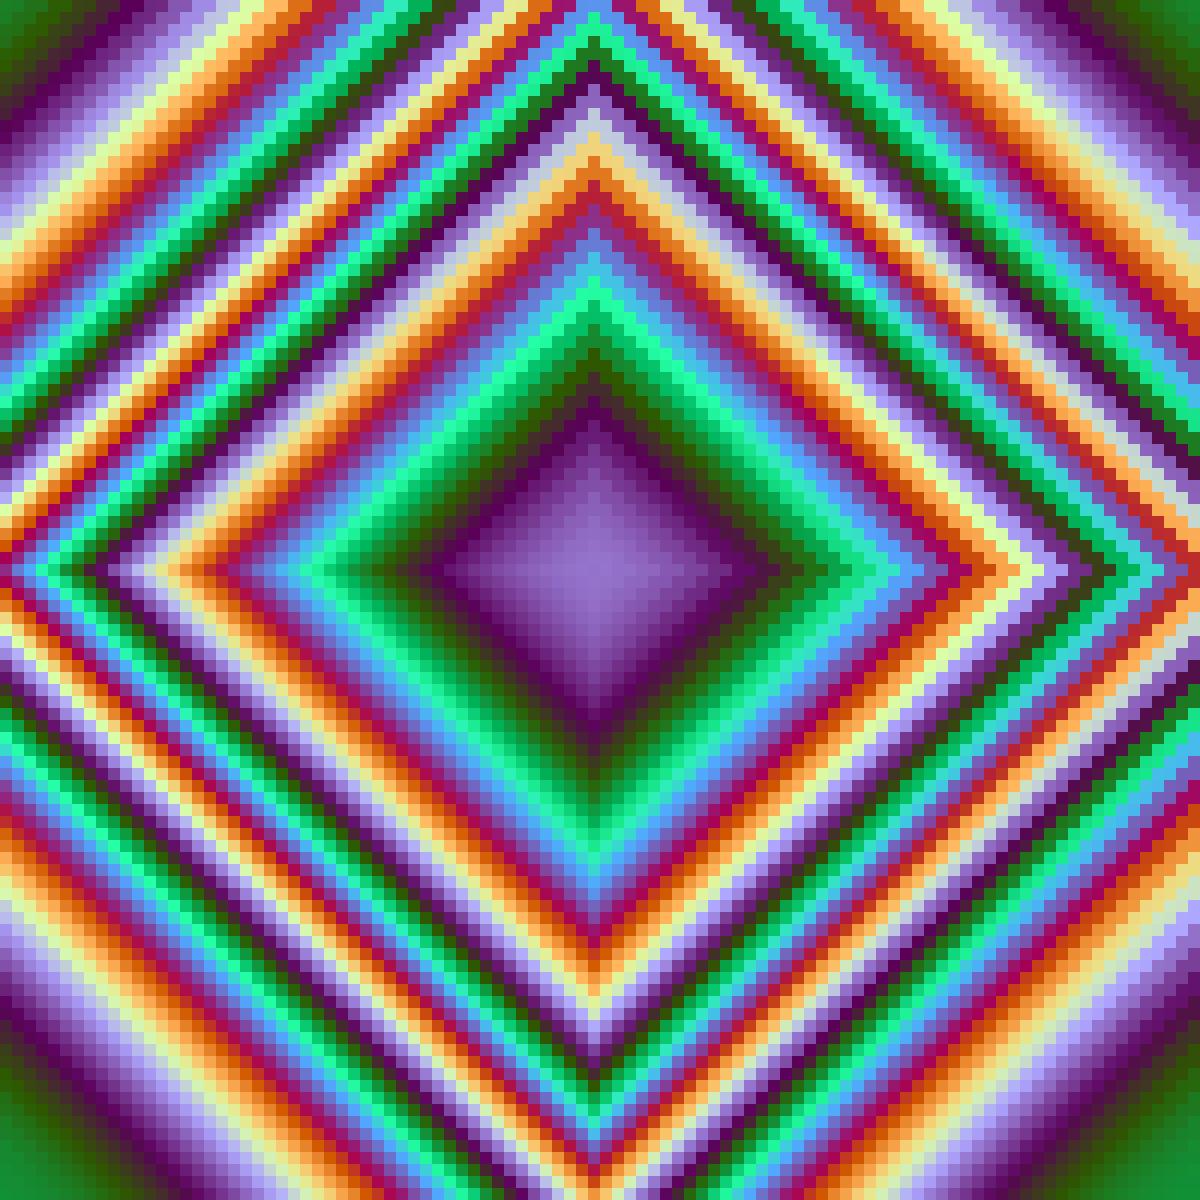 Rainbow by nemu391